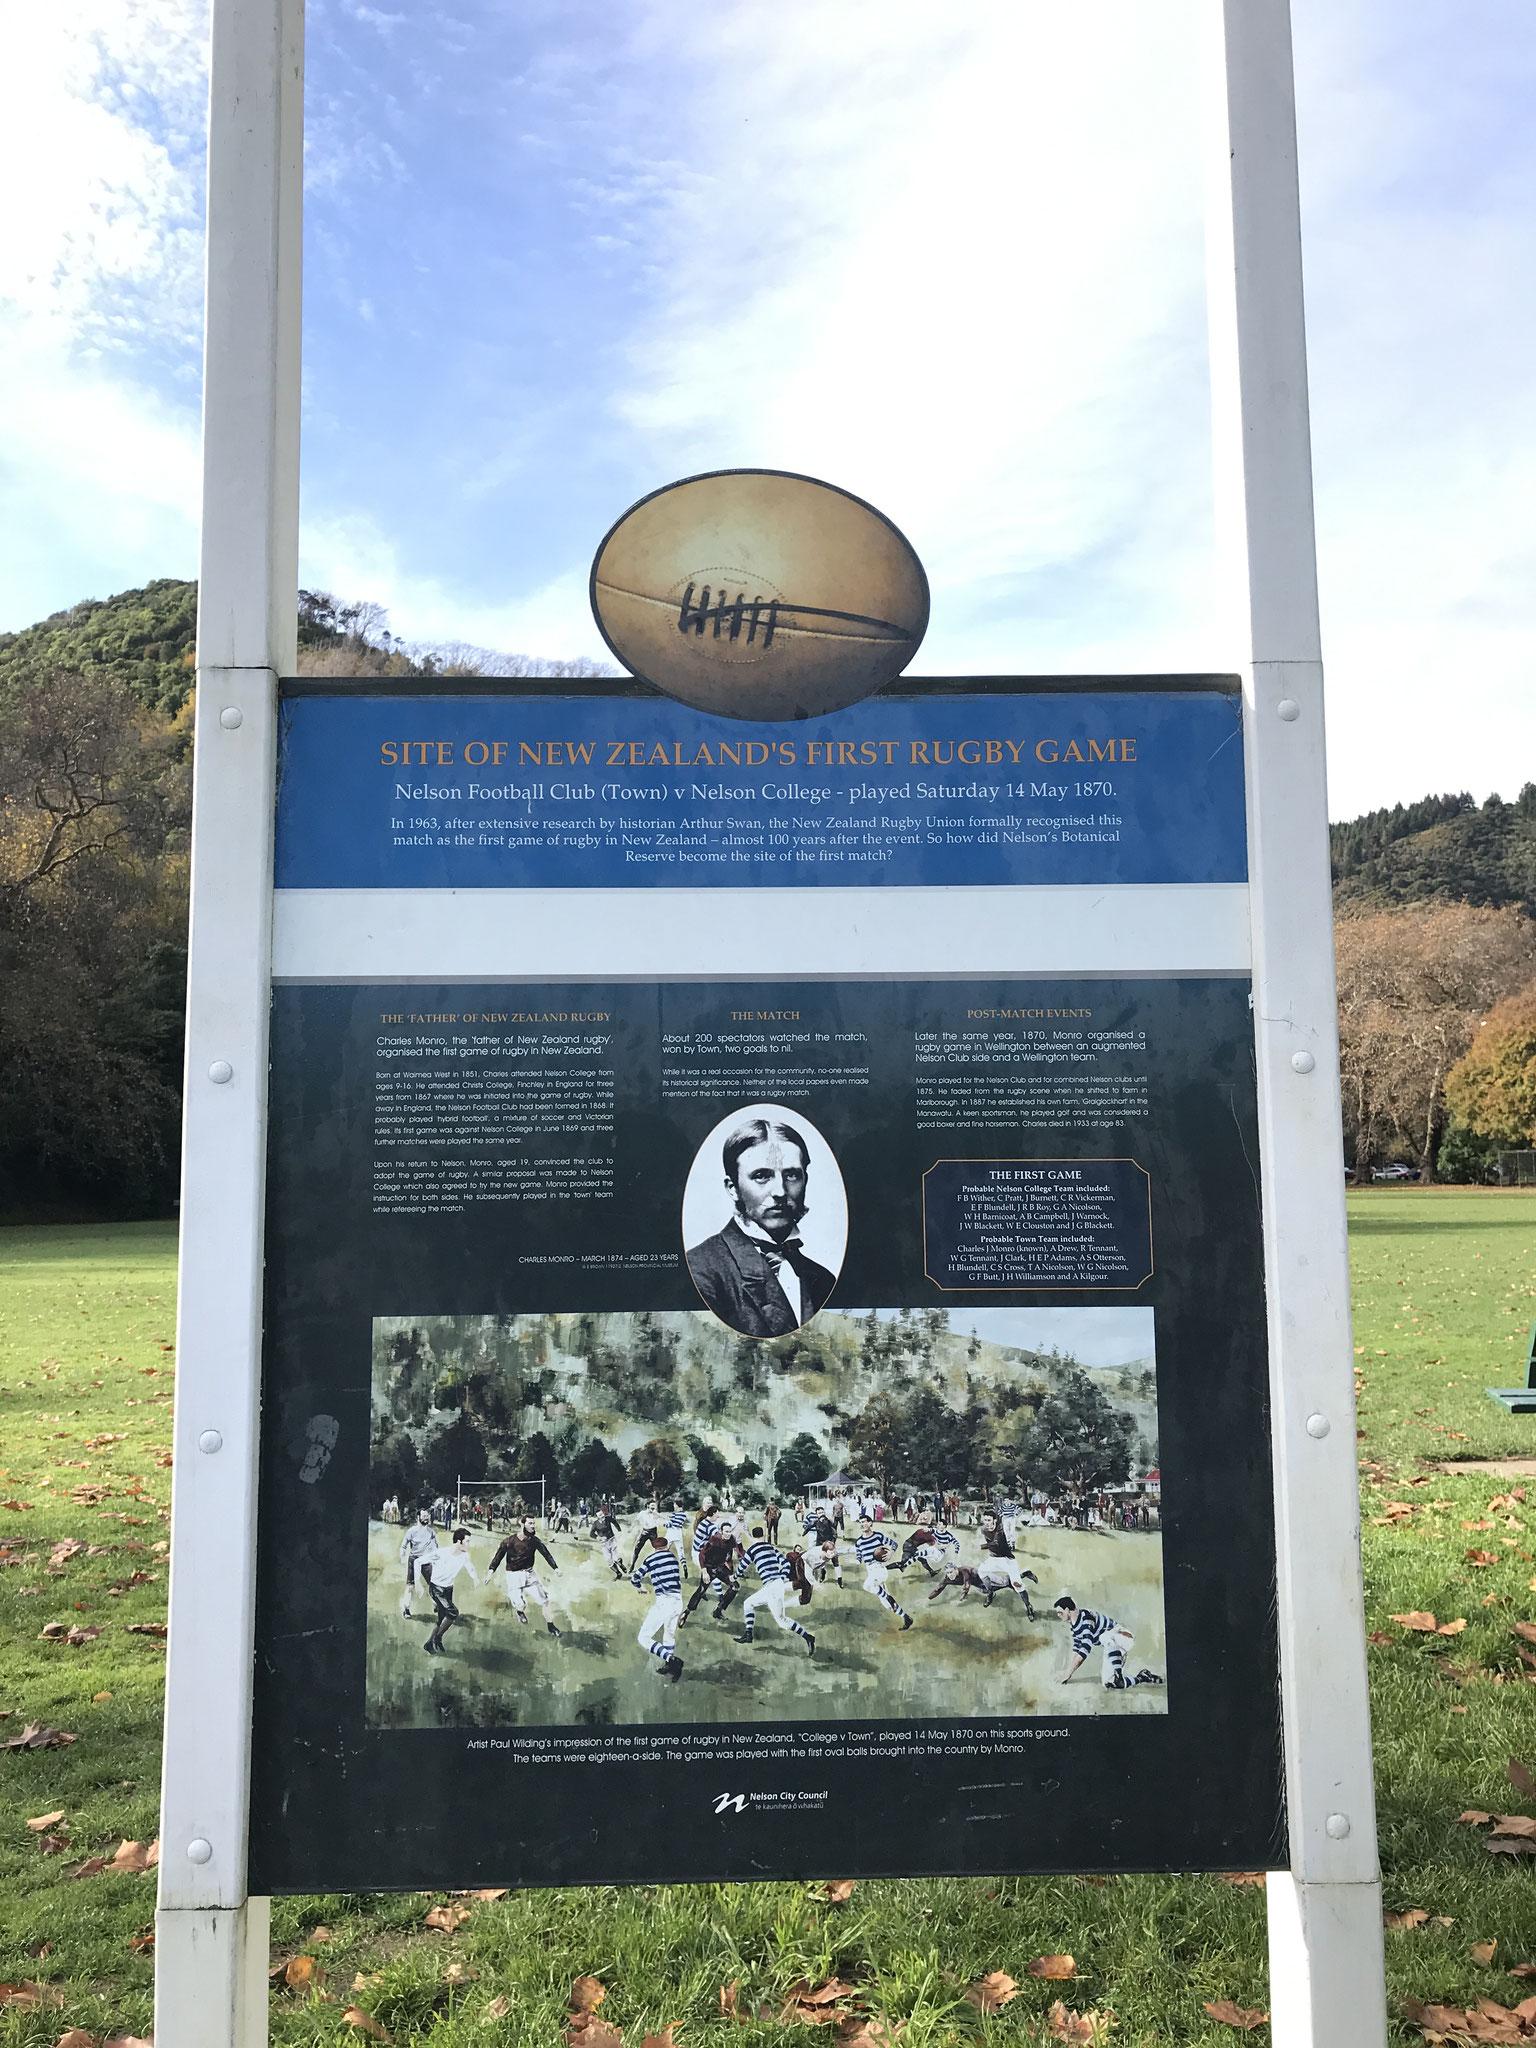 ニュージーランドといえばラグビー。ラグビーの試合が最初に行われたのはネルソンのこの公園